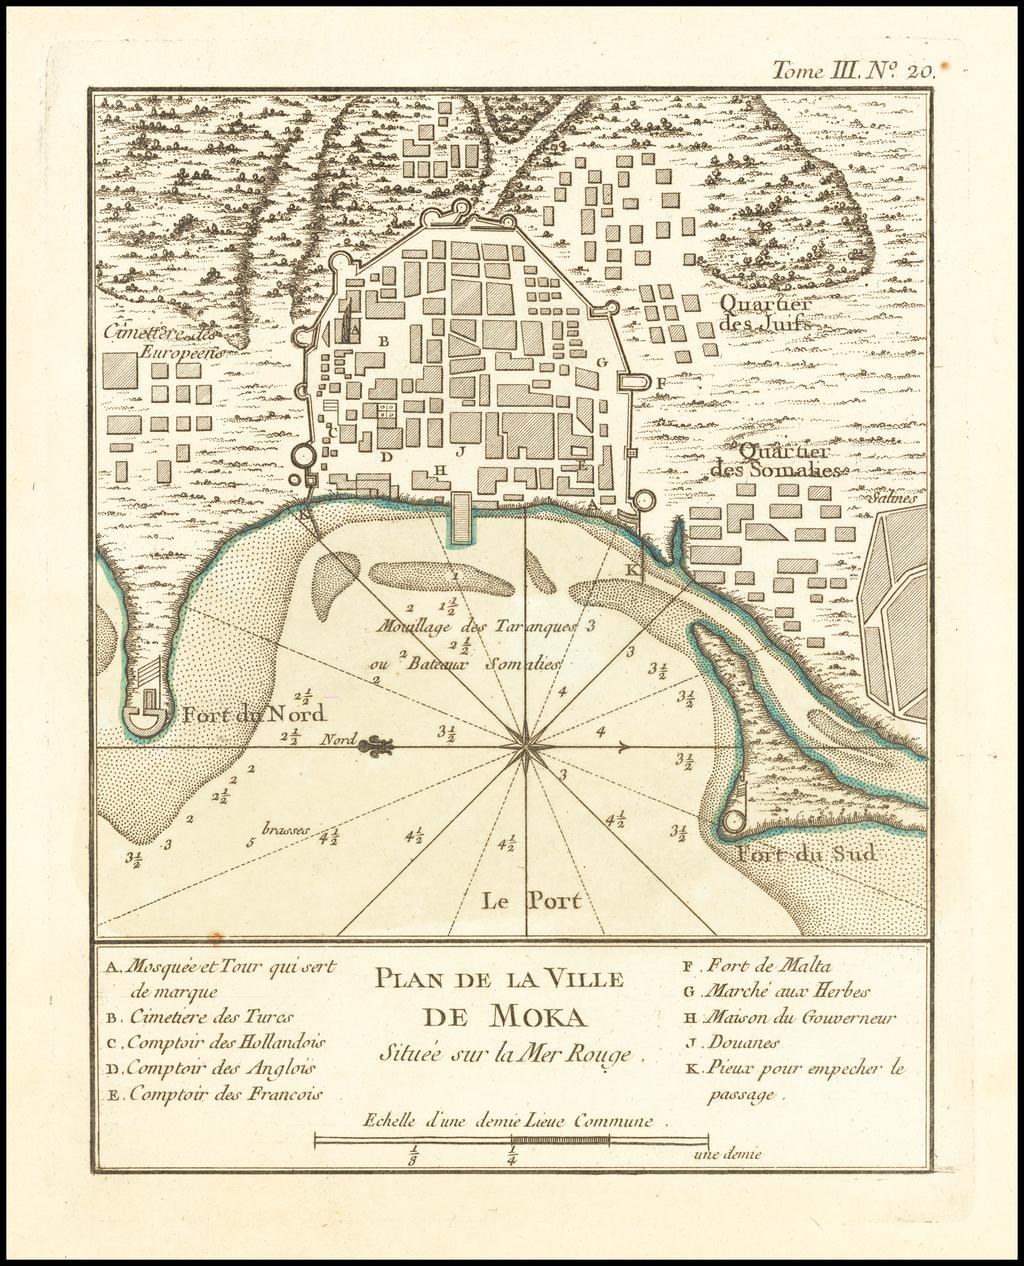 Plan De La Ville De Moka Situee sur la Mer Rouge By Jacques Nicolas Bellin